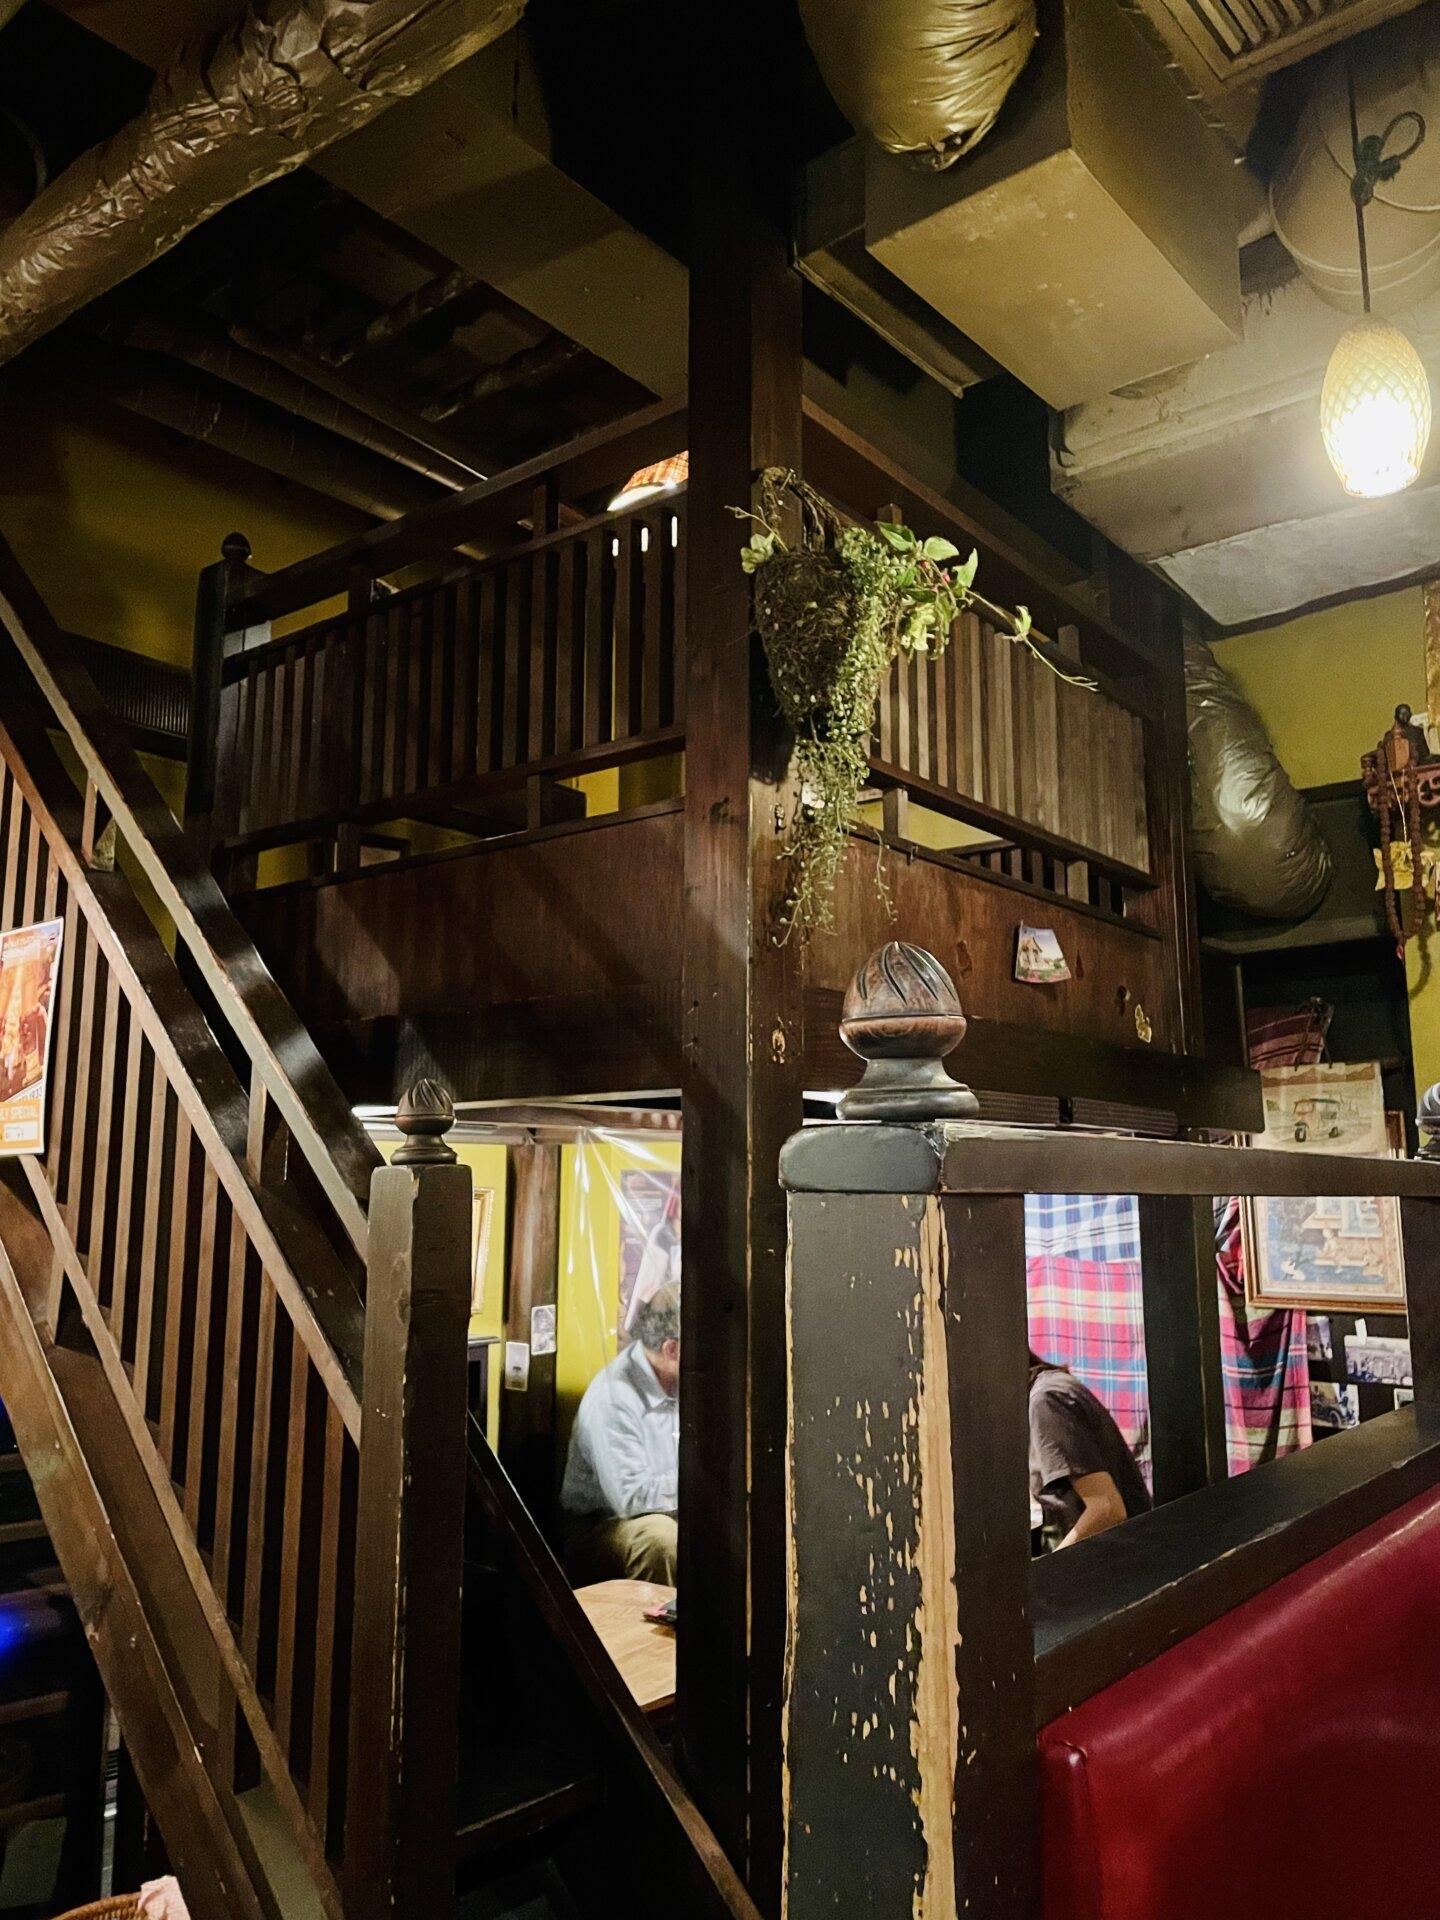 【三軒茶屋】タイ料理の激戦区でトップレベル!「タイ東北料理イサーンキッチン 」店内